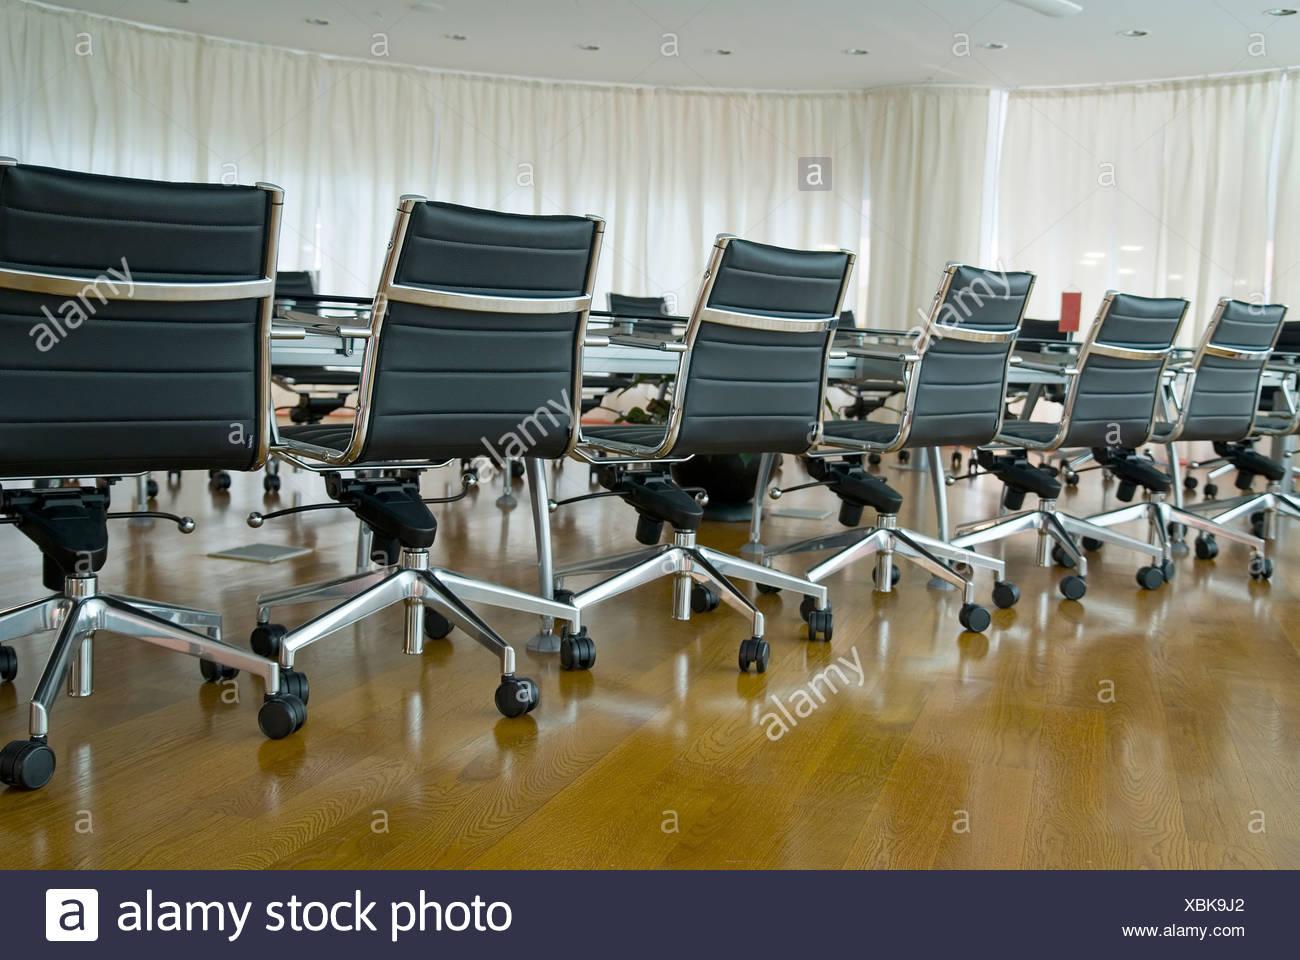 Sillas Sala De Juntas.Sala De Juntas Oficina Lugar De Trabajo Conferencias Sillas